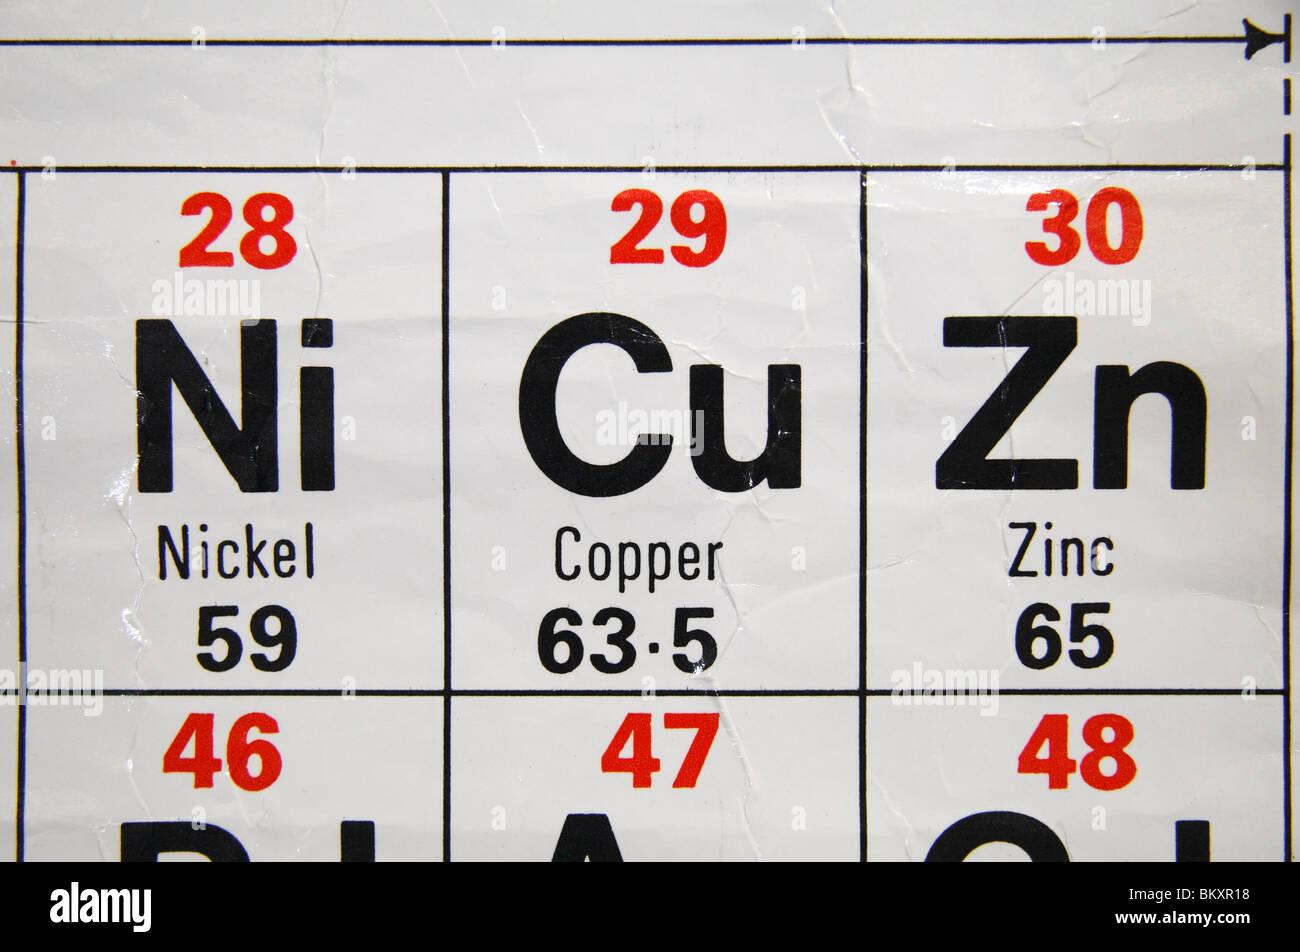 Zinc Chemical Element Stock Photos Zinc Chemical Element Stock